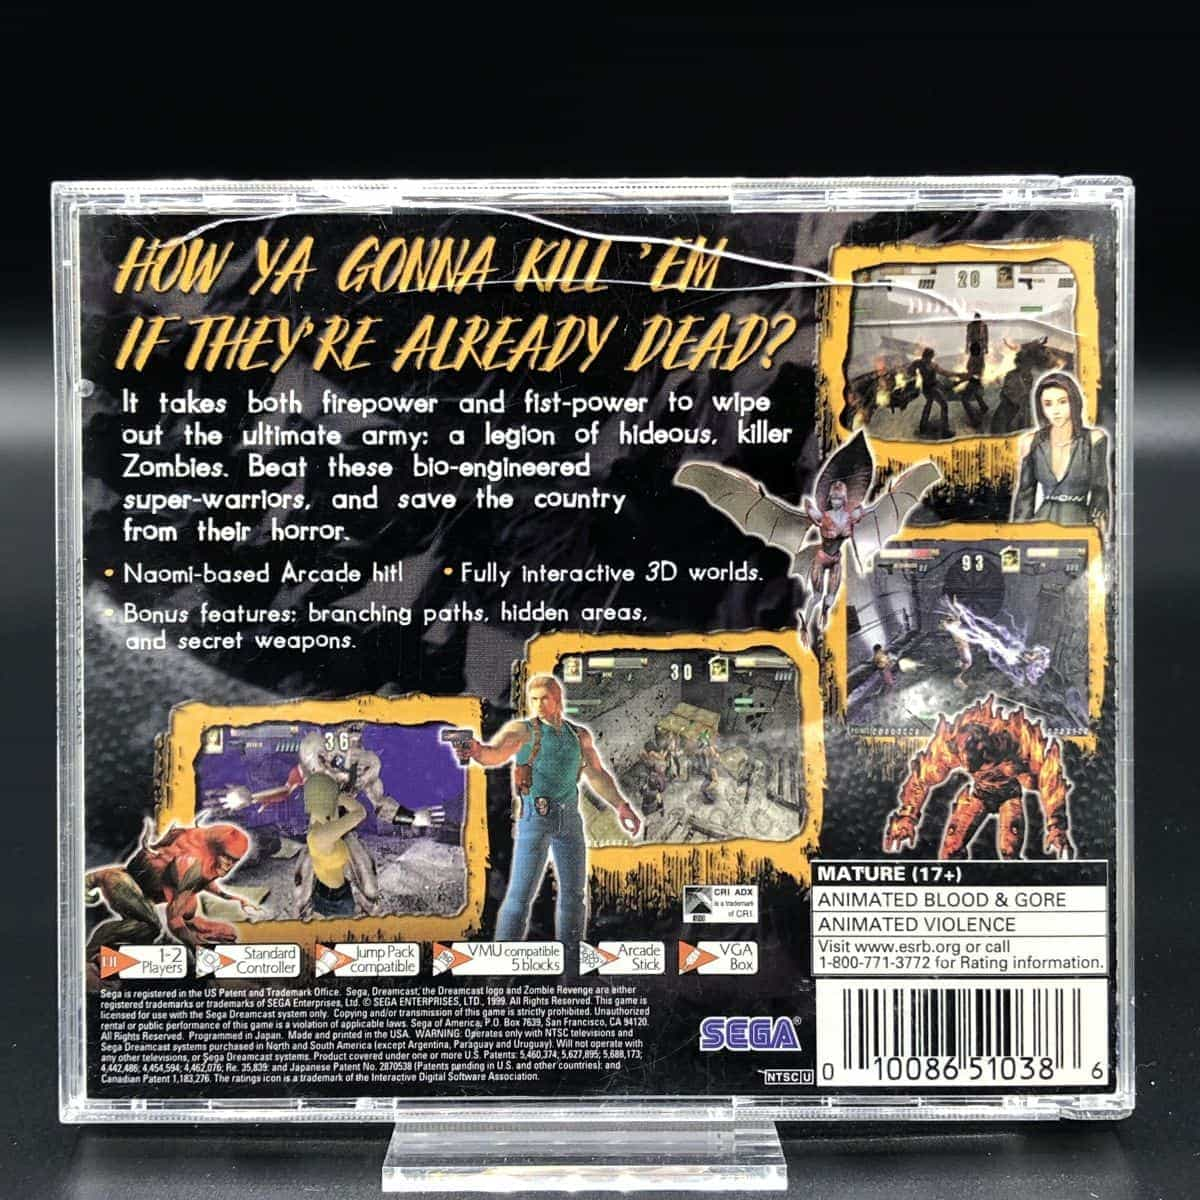 Zombie Revenge (Import) (Komplett) (Sehr gut) Sega Dreamcast